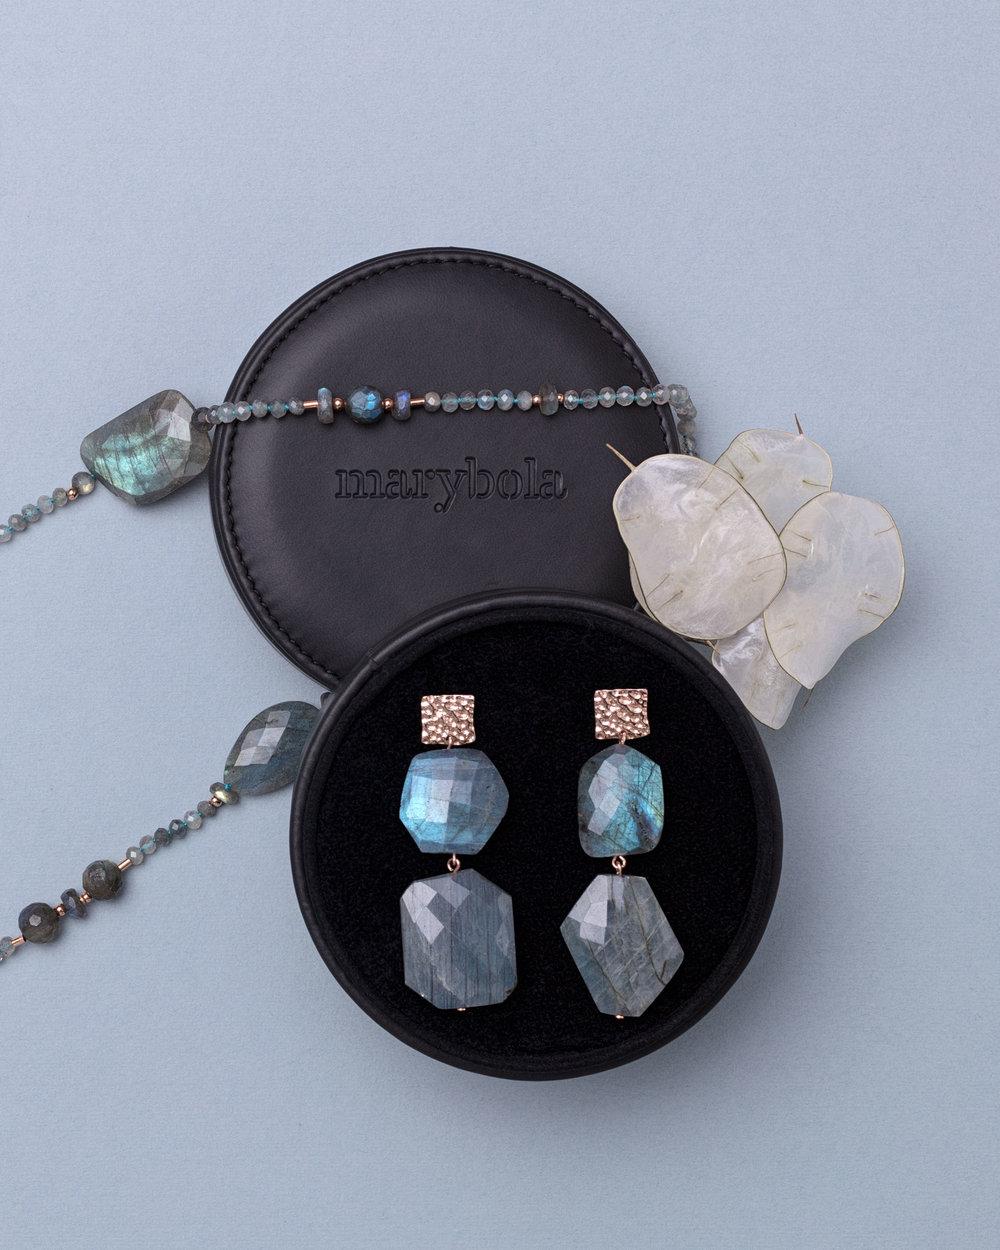 corina-landa-still-life-jewelry-joyeria-photography-marybola-028.jpg